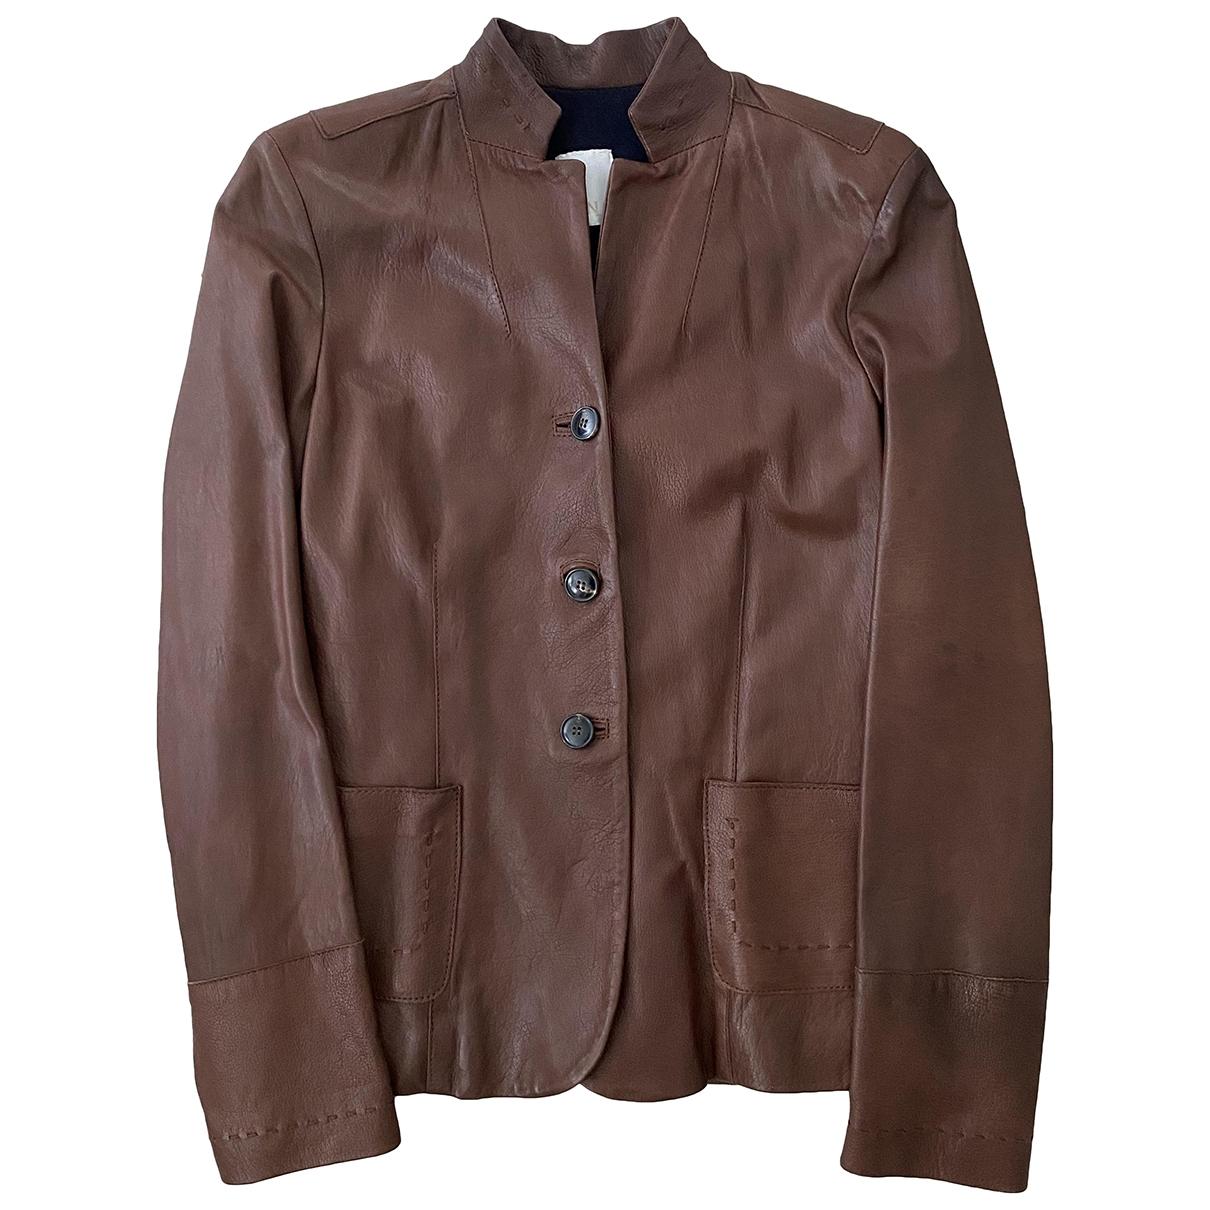 N8 \N Brown Leather jacket for Women S International